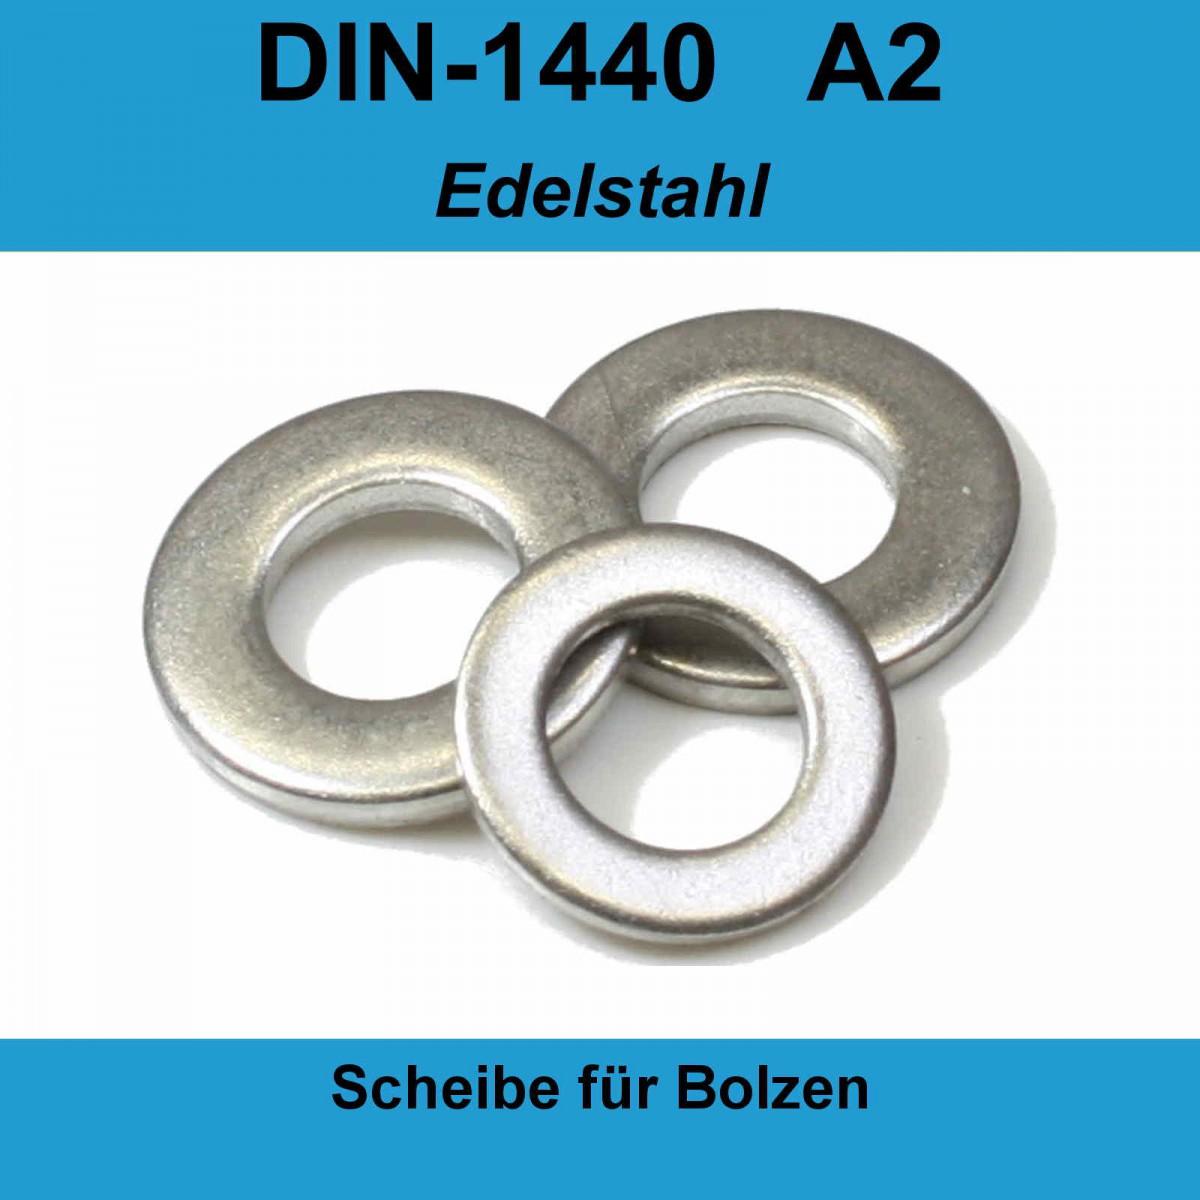 DIN 125 A ISO 7089 Unterlegscheiben Edelstahl A2  M1,6 M16    1,7-17,0 mm